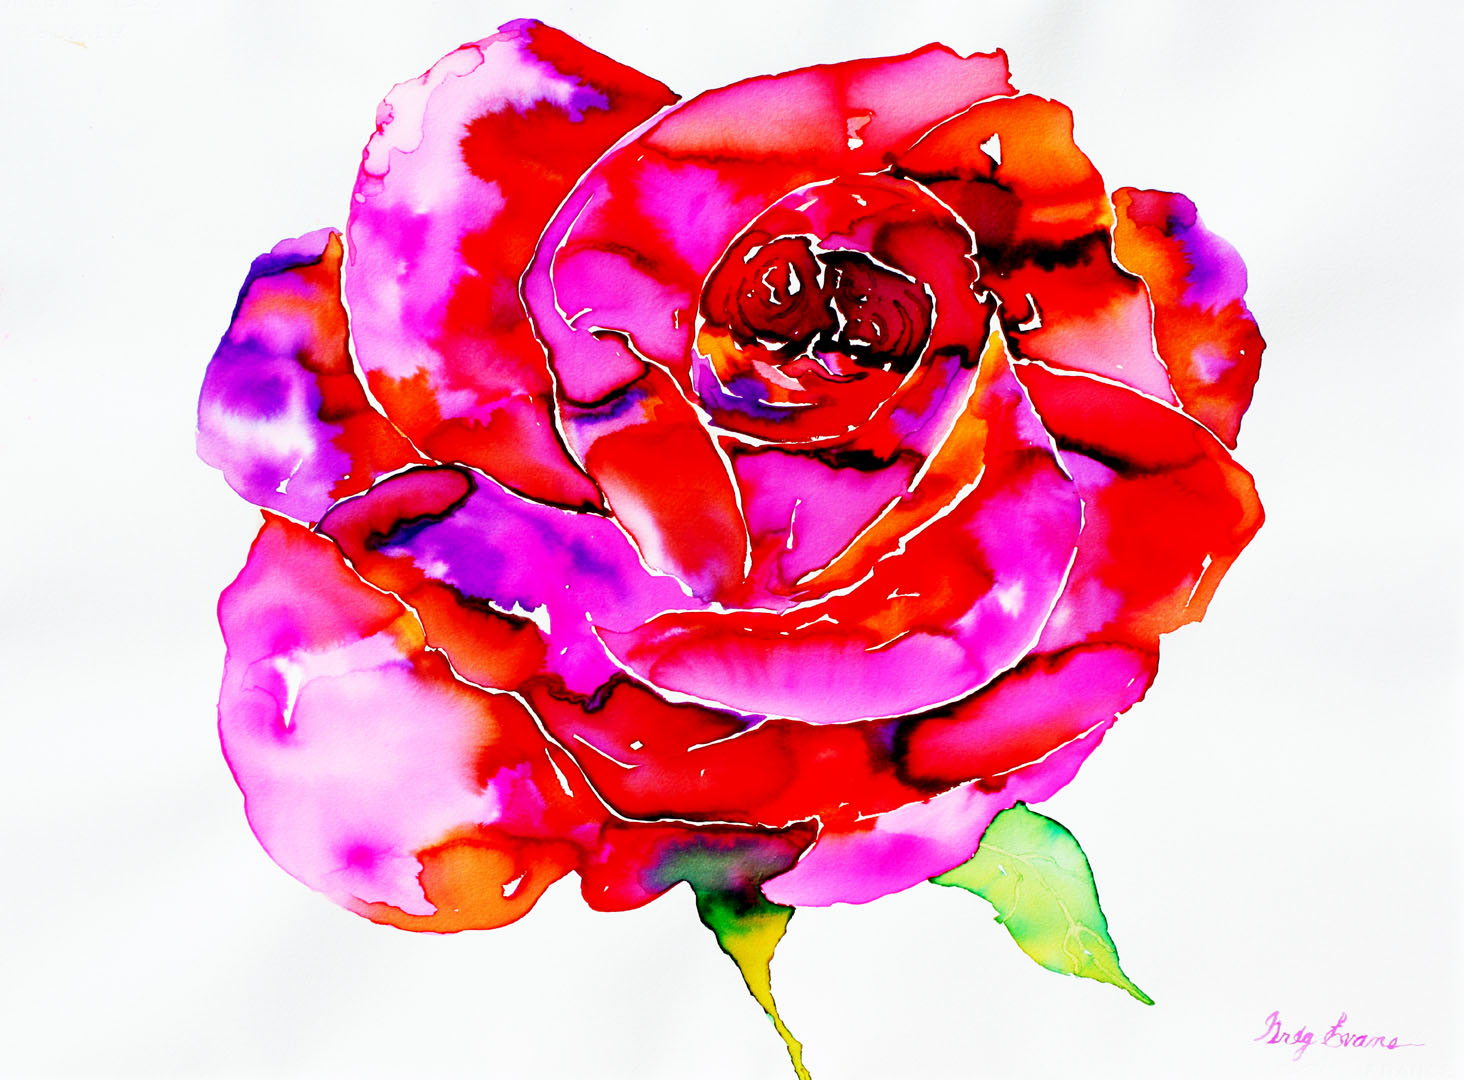 Watercolor Flowers Paintings | Art Gallery of Greg Evans